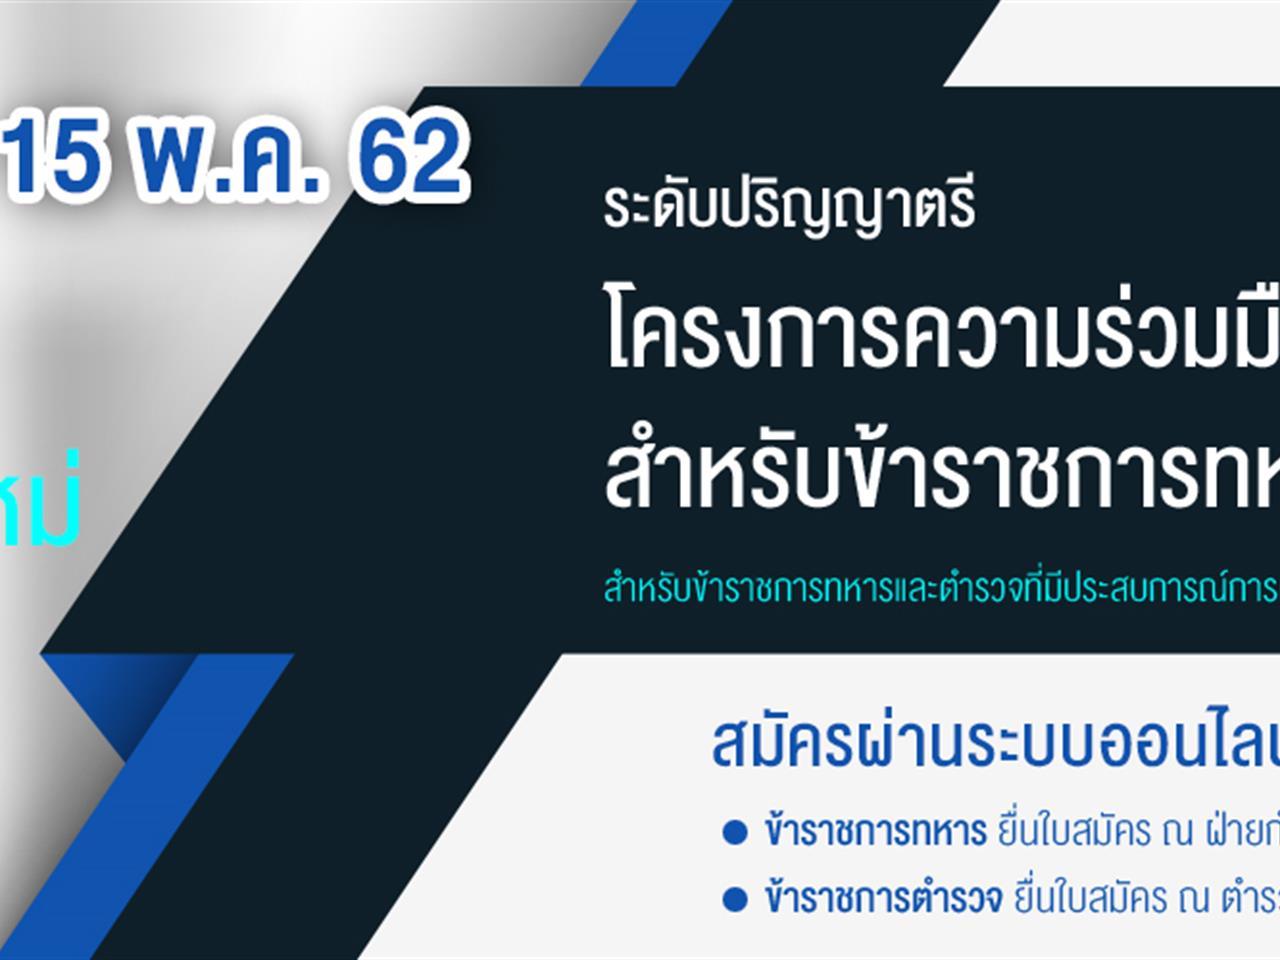 เปิดรับสมัคร โครงการความร่วมมือผลิตบัณฑิตสำหรับข้าราชการทหารและตำรวจ ปีการศึกษา 2563  เพื่อคัดเลือกเข้าศึกษาระดับปริญญาตรี ในมหาวิทยาลัยพะเยา ตั้งแต่บัดนี้ ถึงวันที่ 15 พฤษภาคม 2563